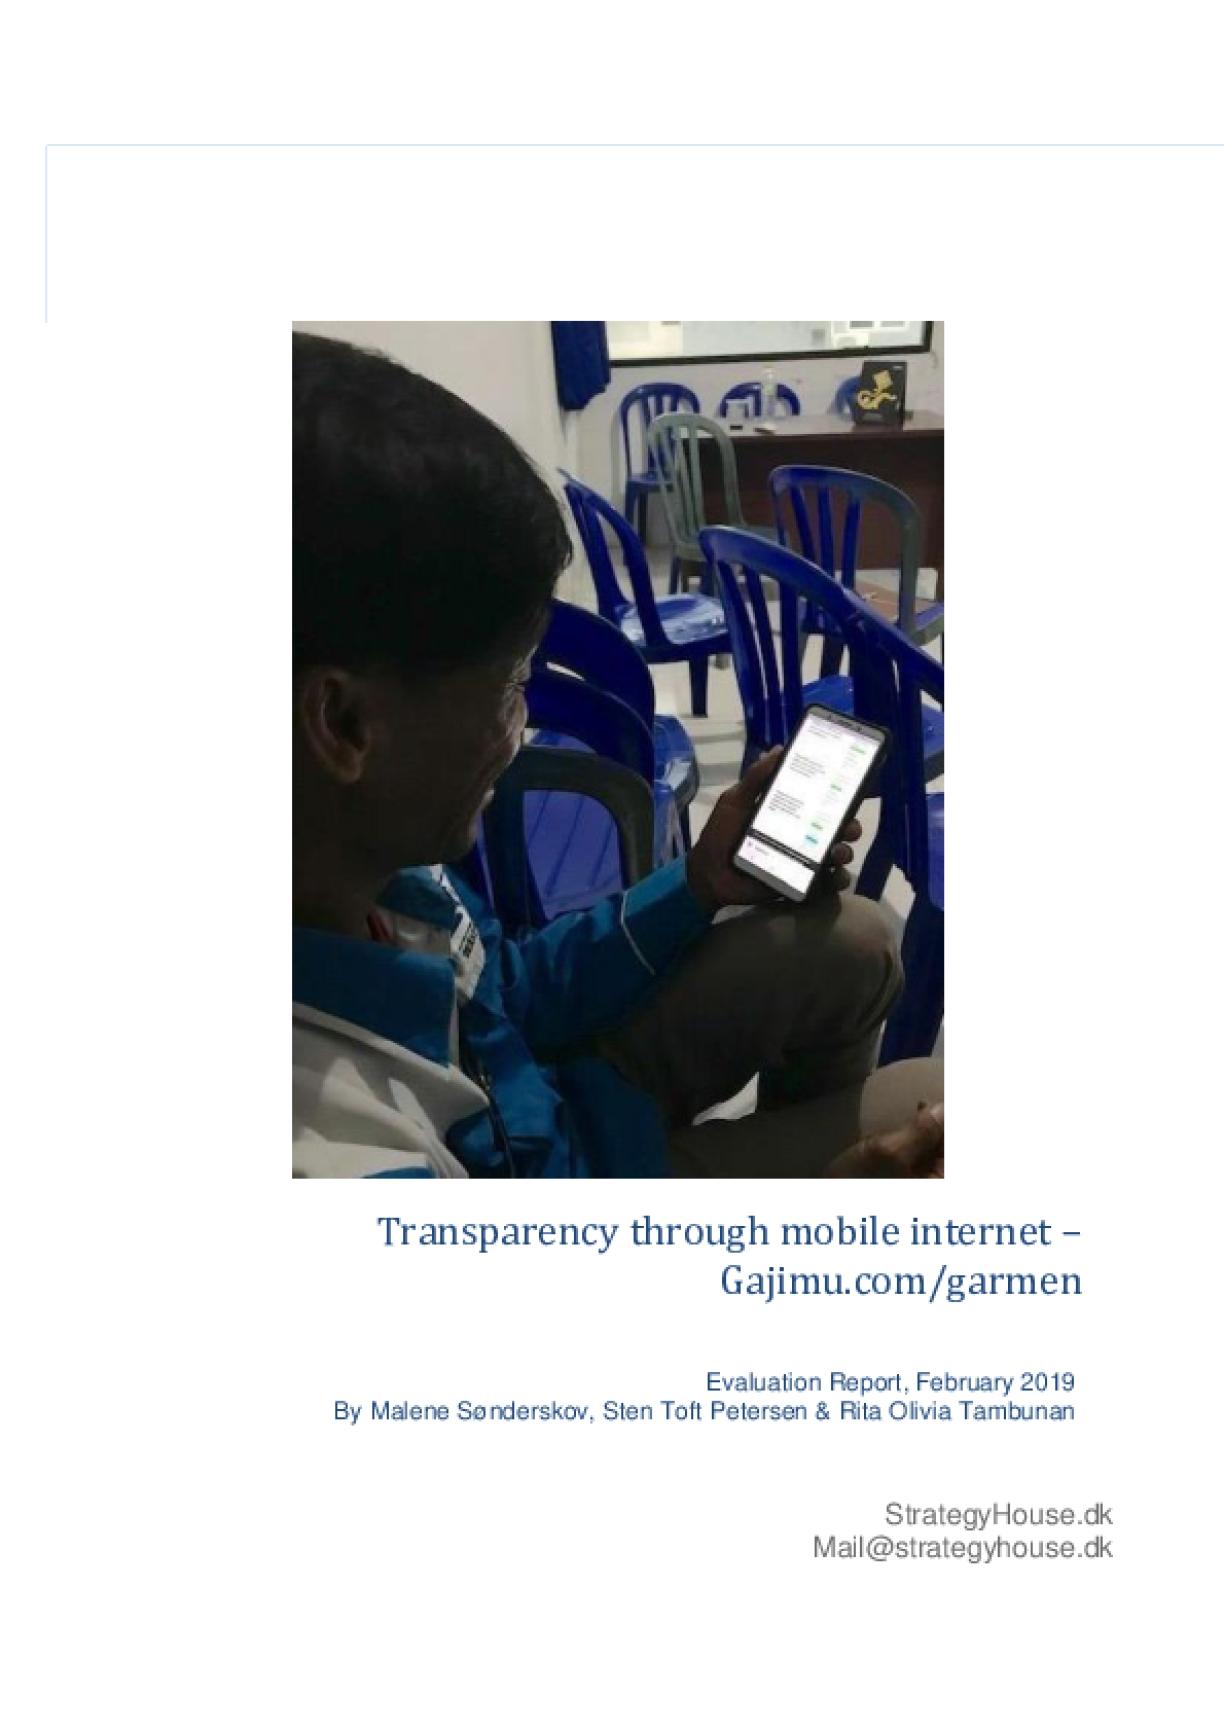 External Evaluation Report of Transparency Through Mobile Internet - Gajimu.com/garmen